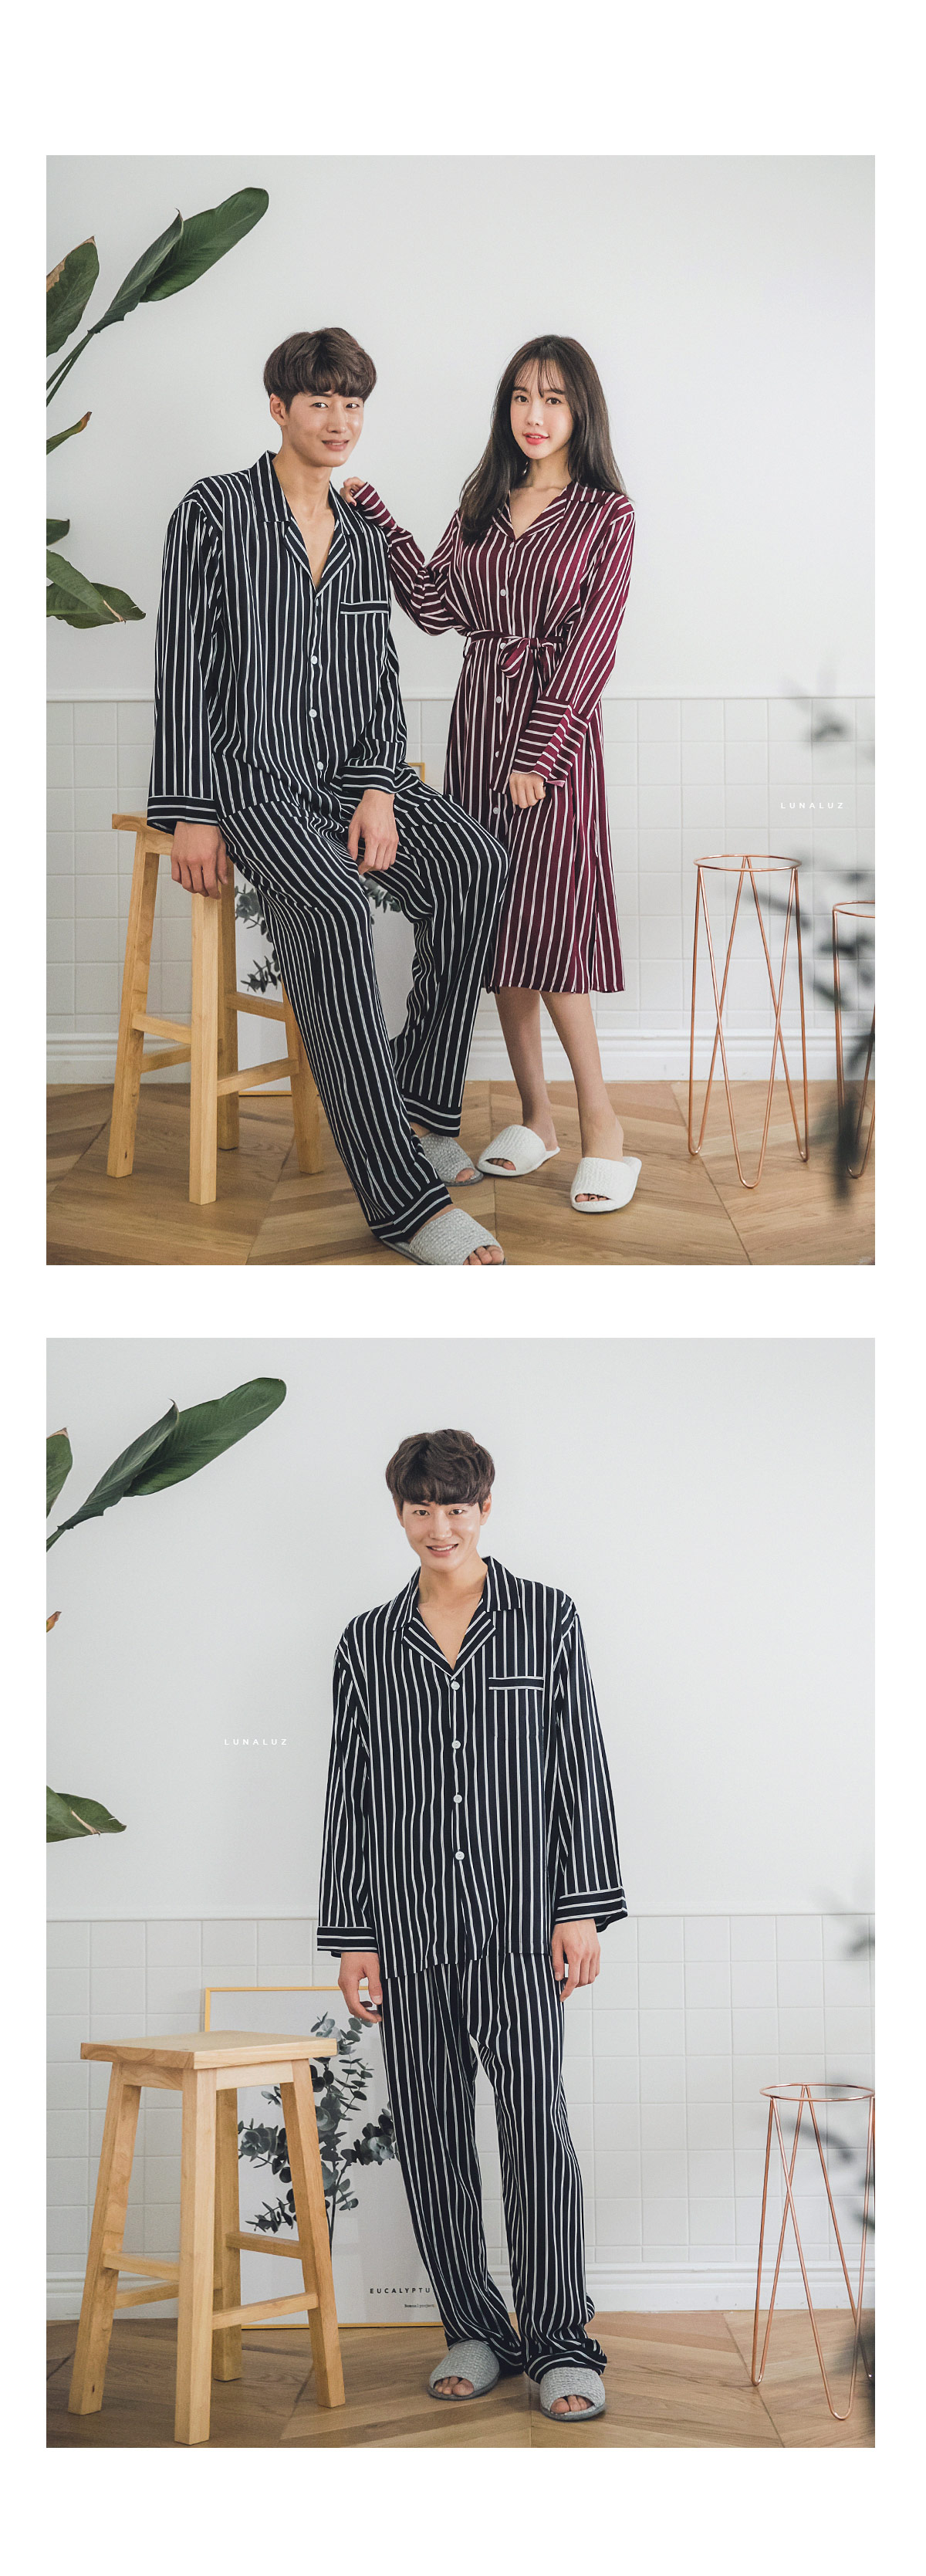 블랙 스트라이프 레이온 남성잠옷 BNBR-M071 - 쿠비카, 64,000원, 잠옷, 남성파자마